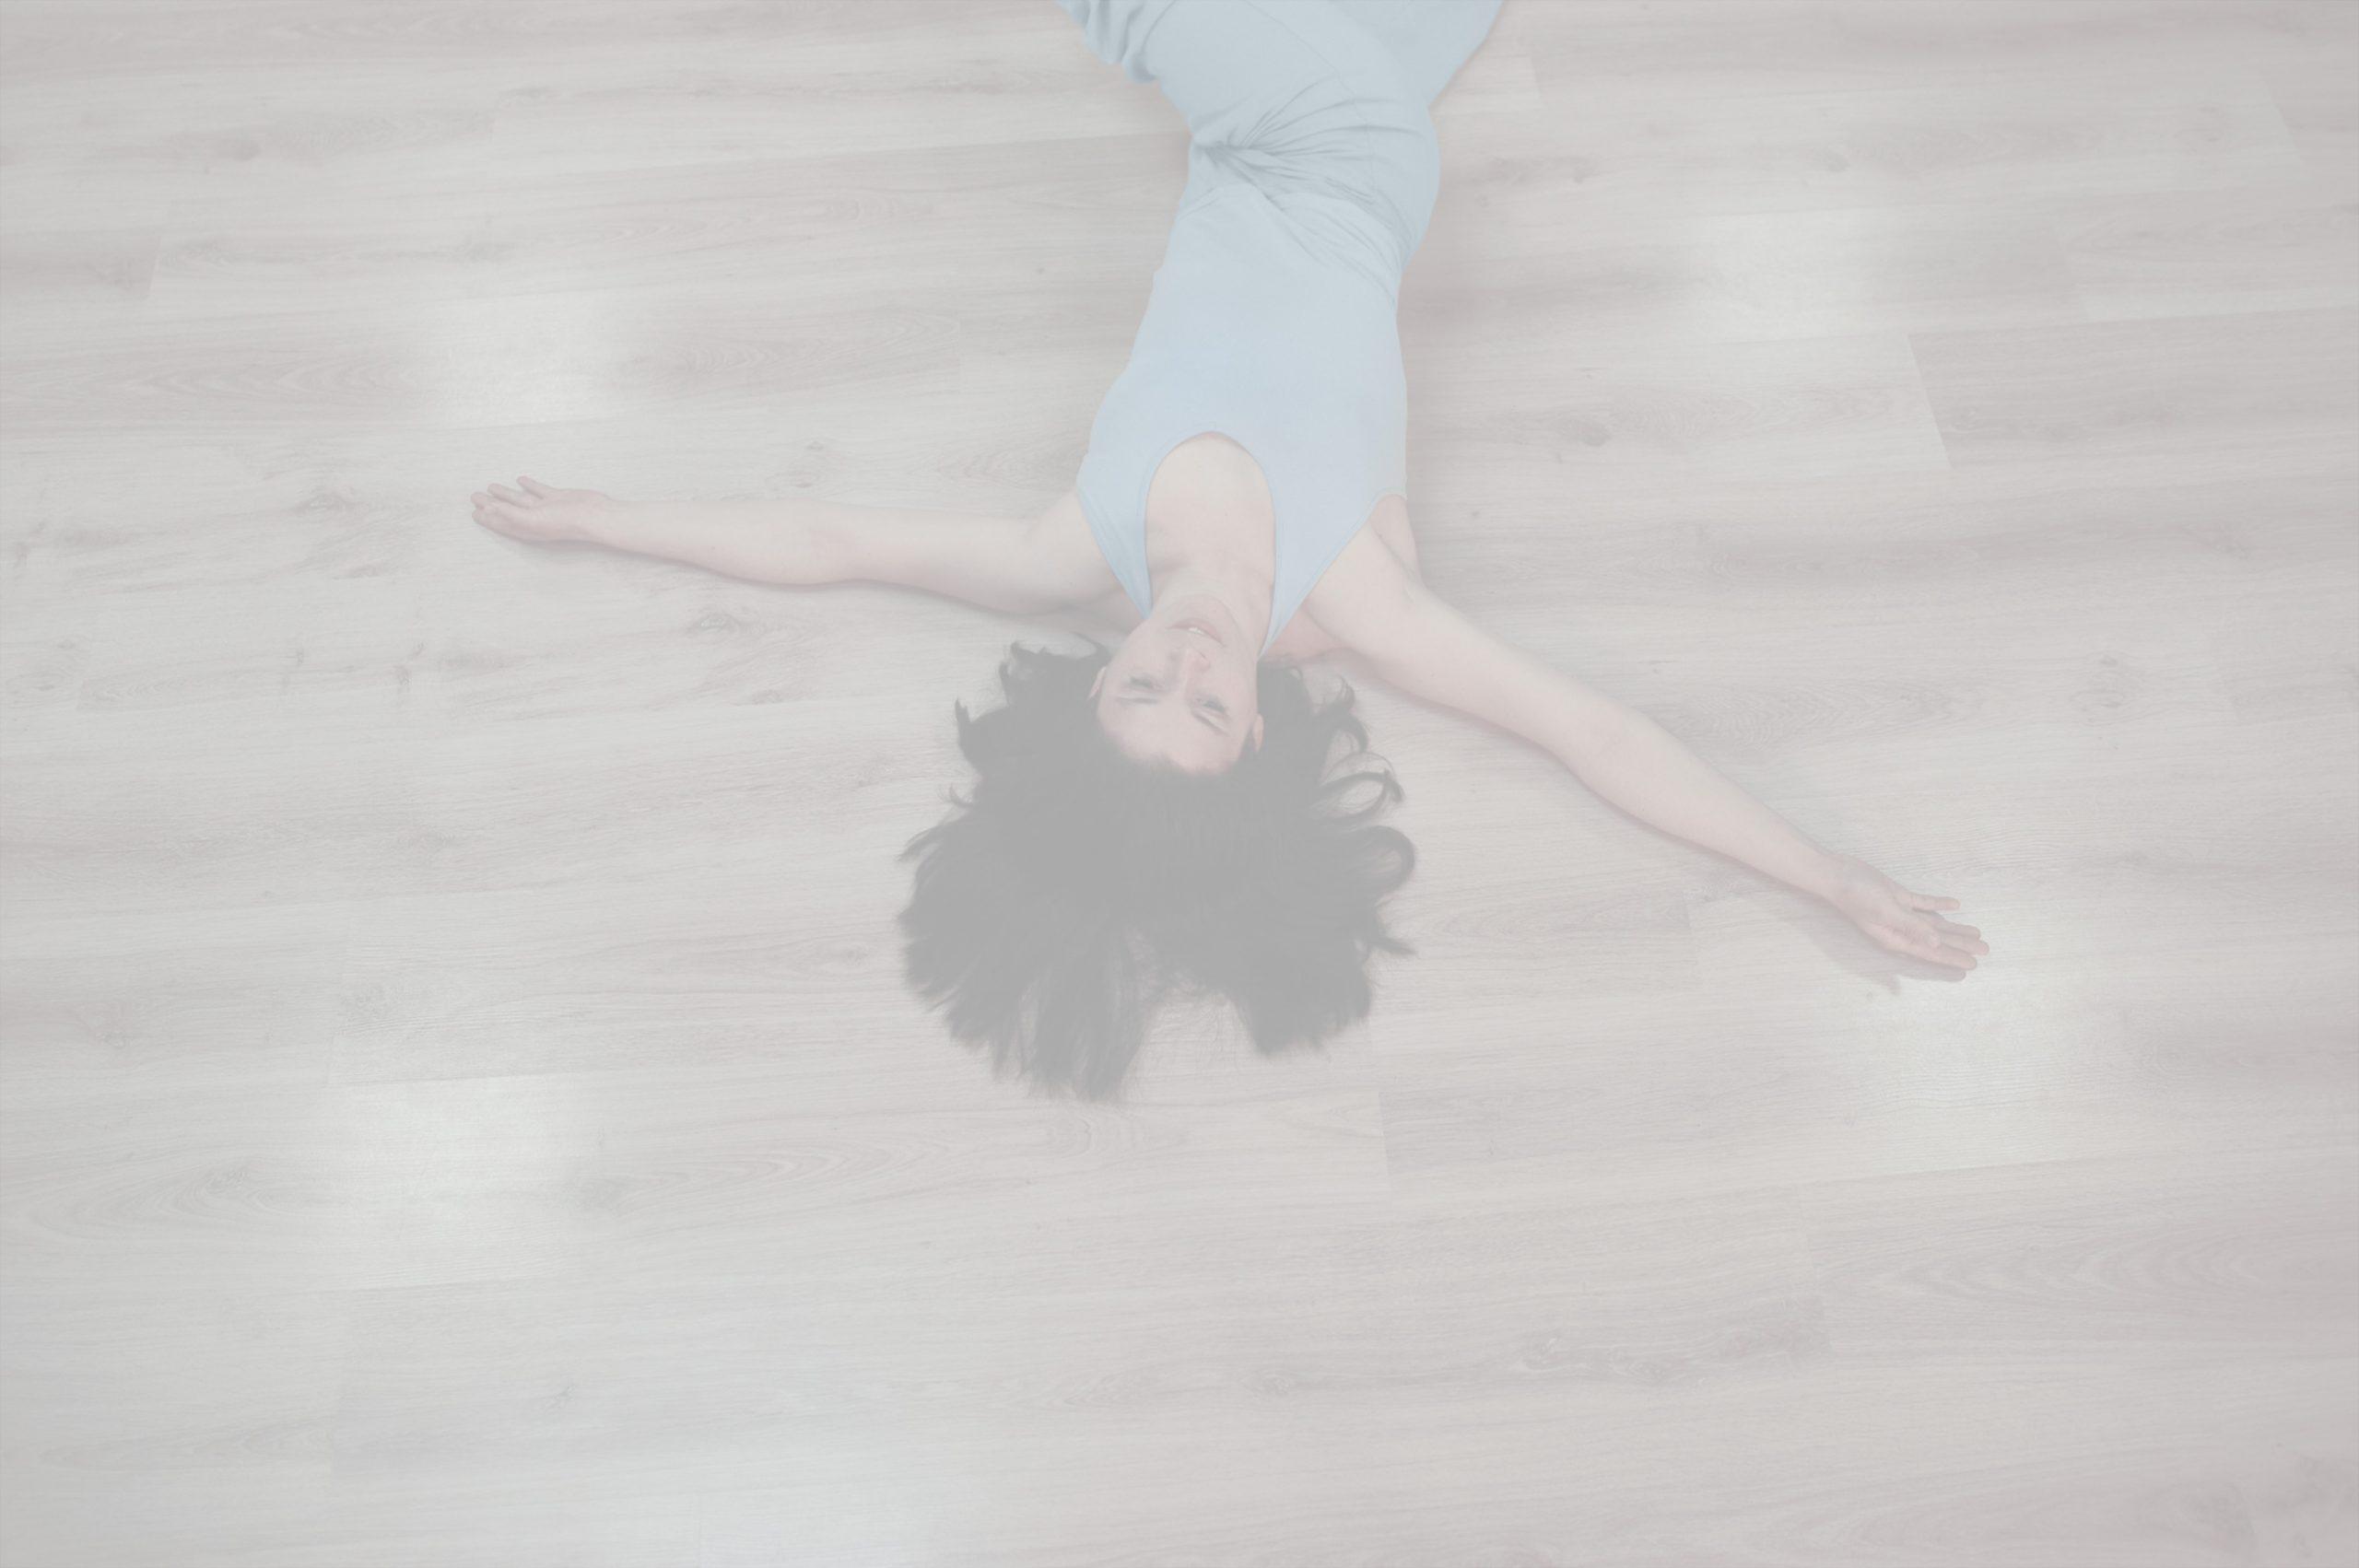 Stage de danse au sol